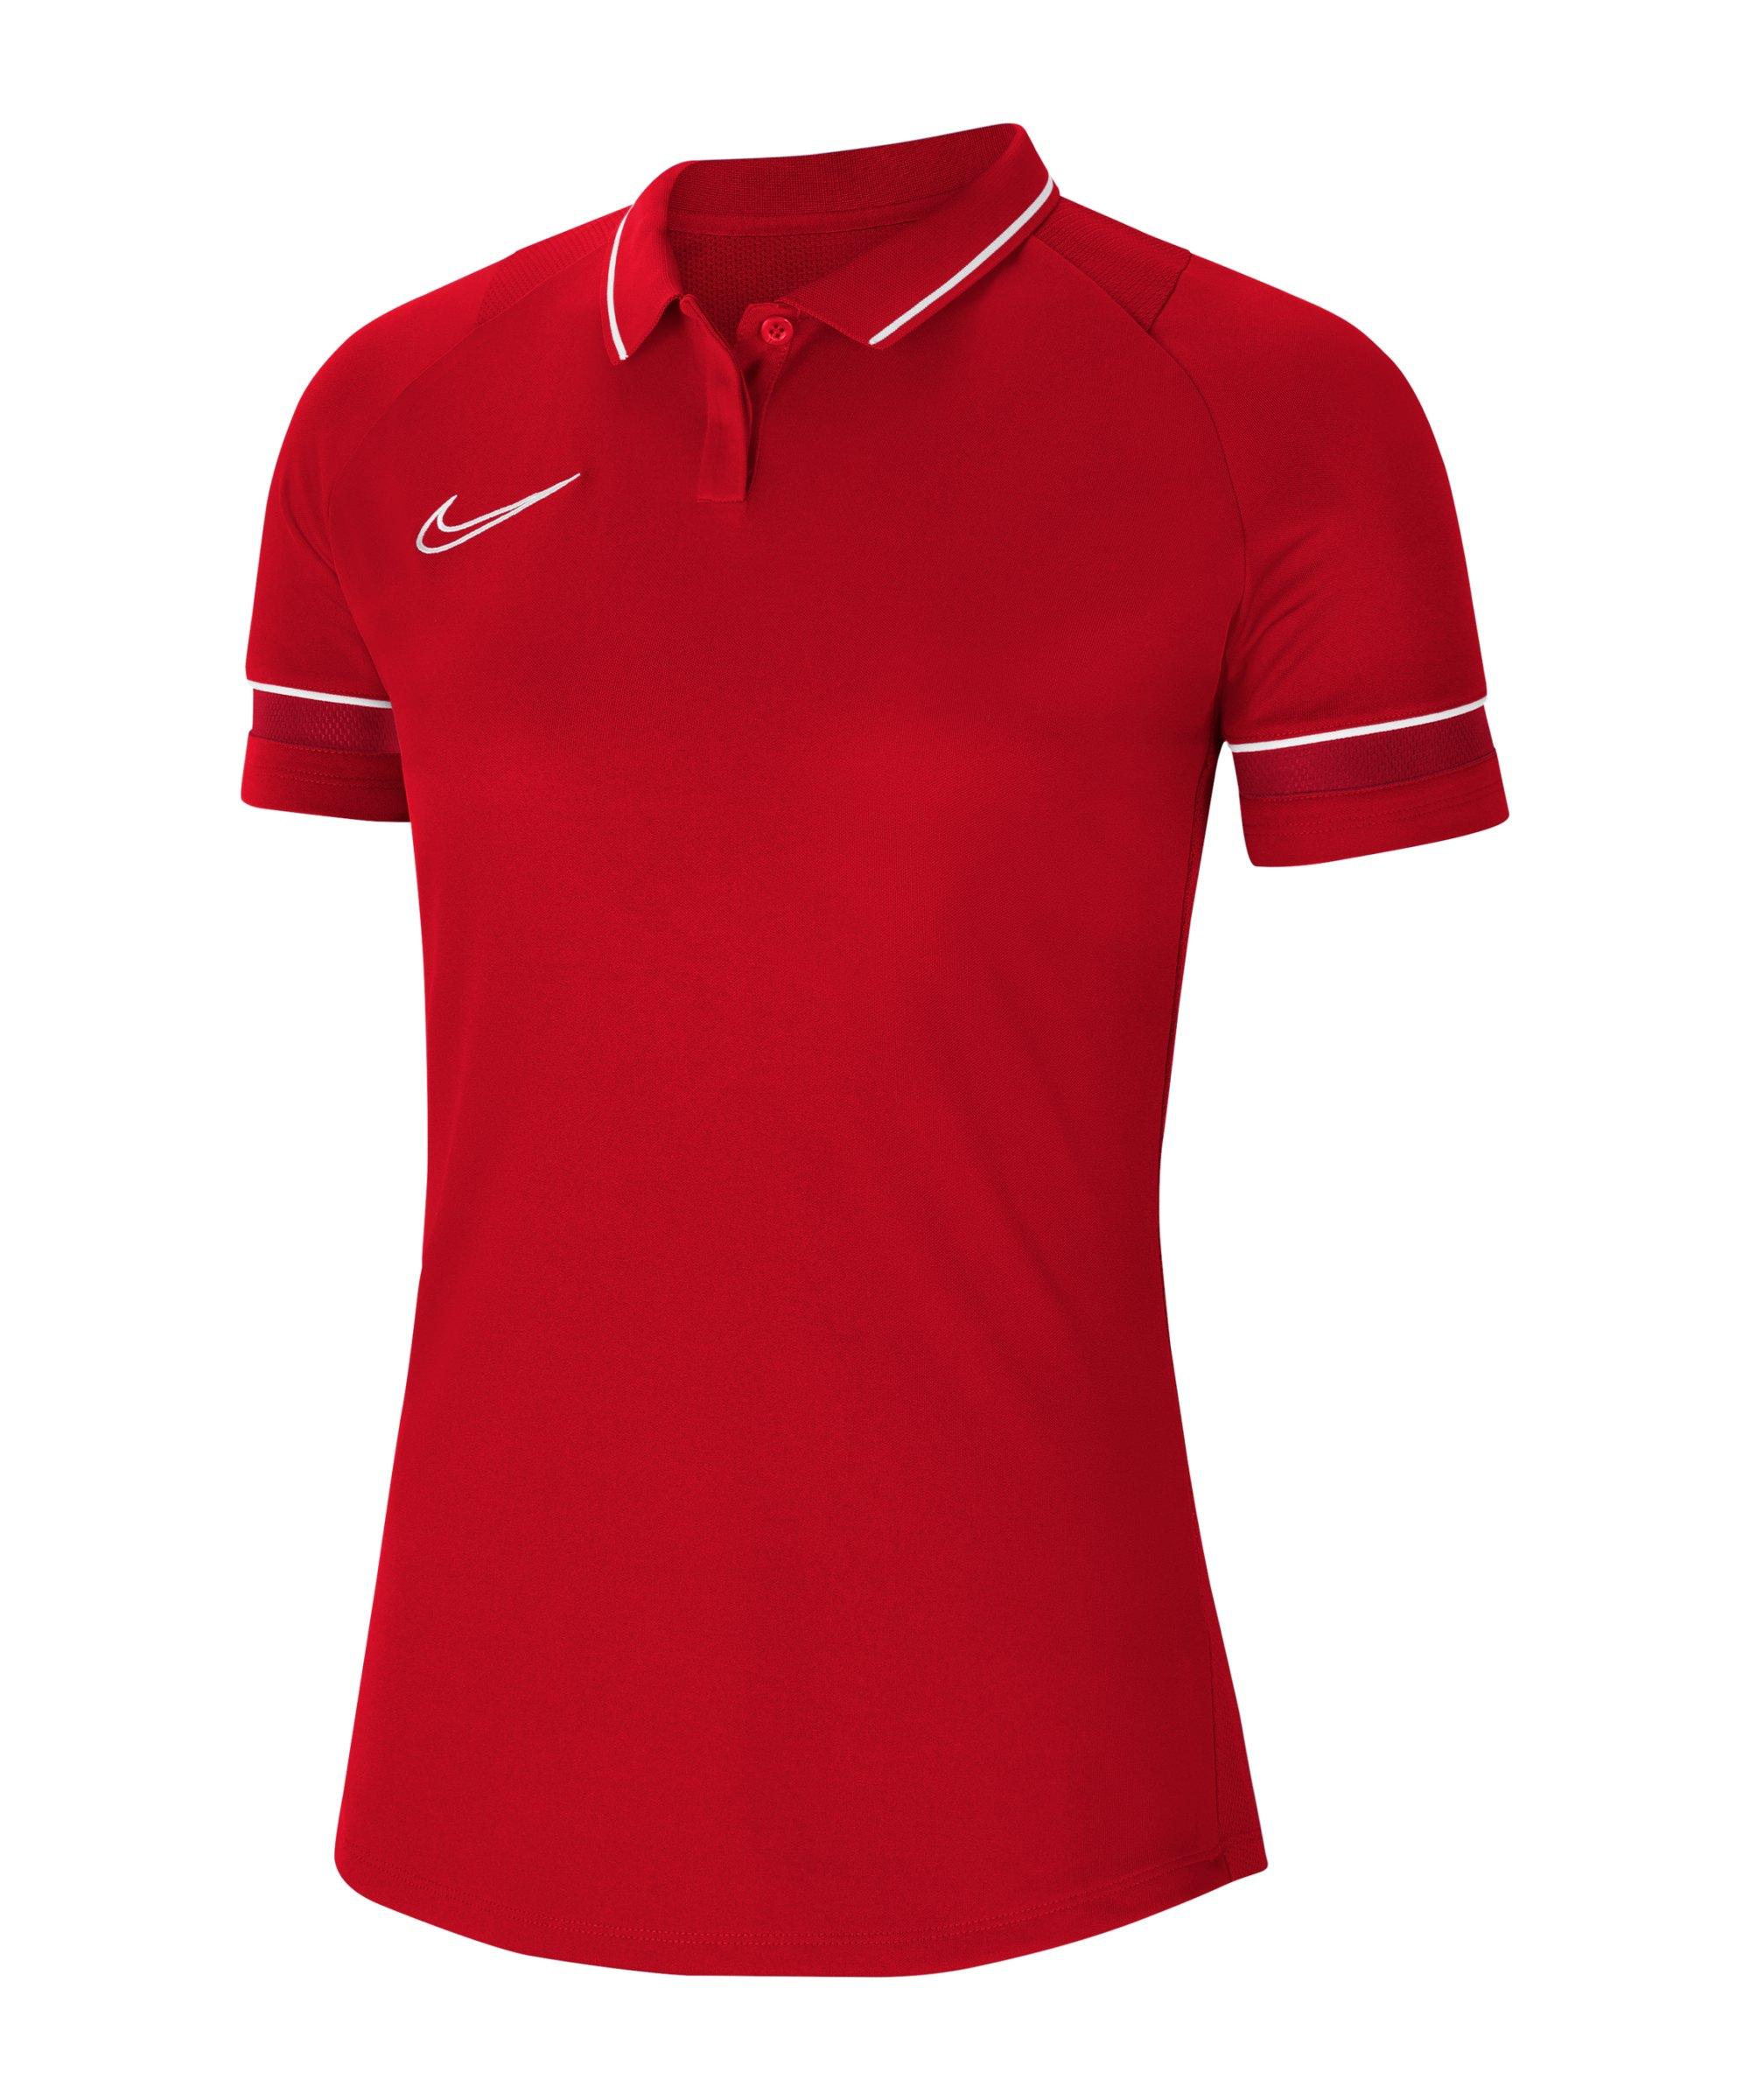 Nike Academy 21 Poloshirt Damen Rot Weiss F657 - rot